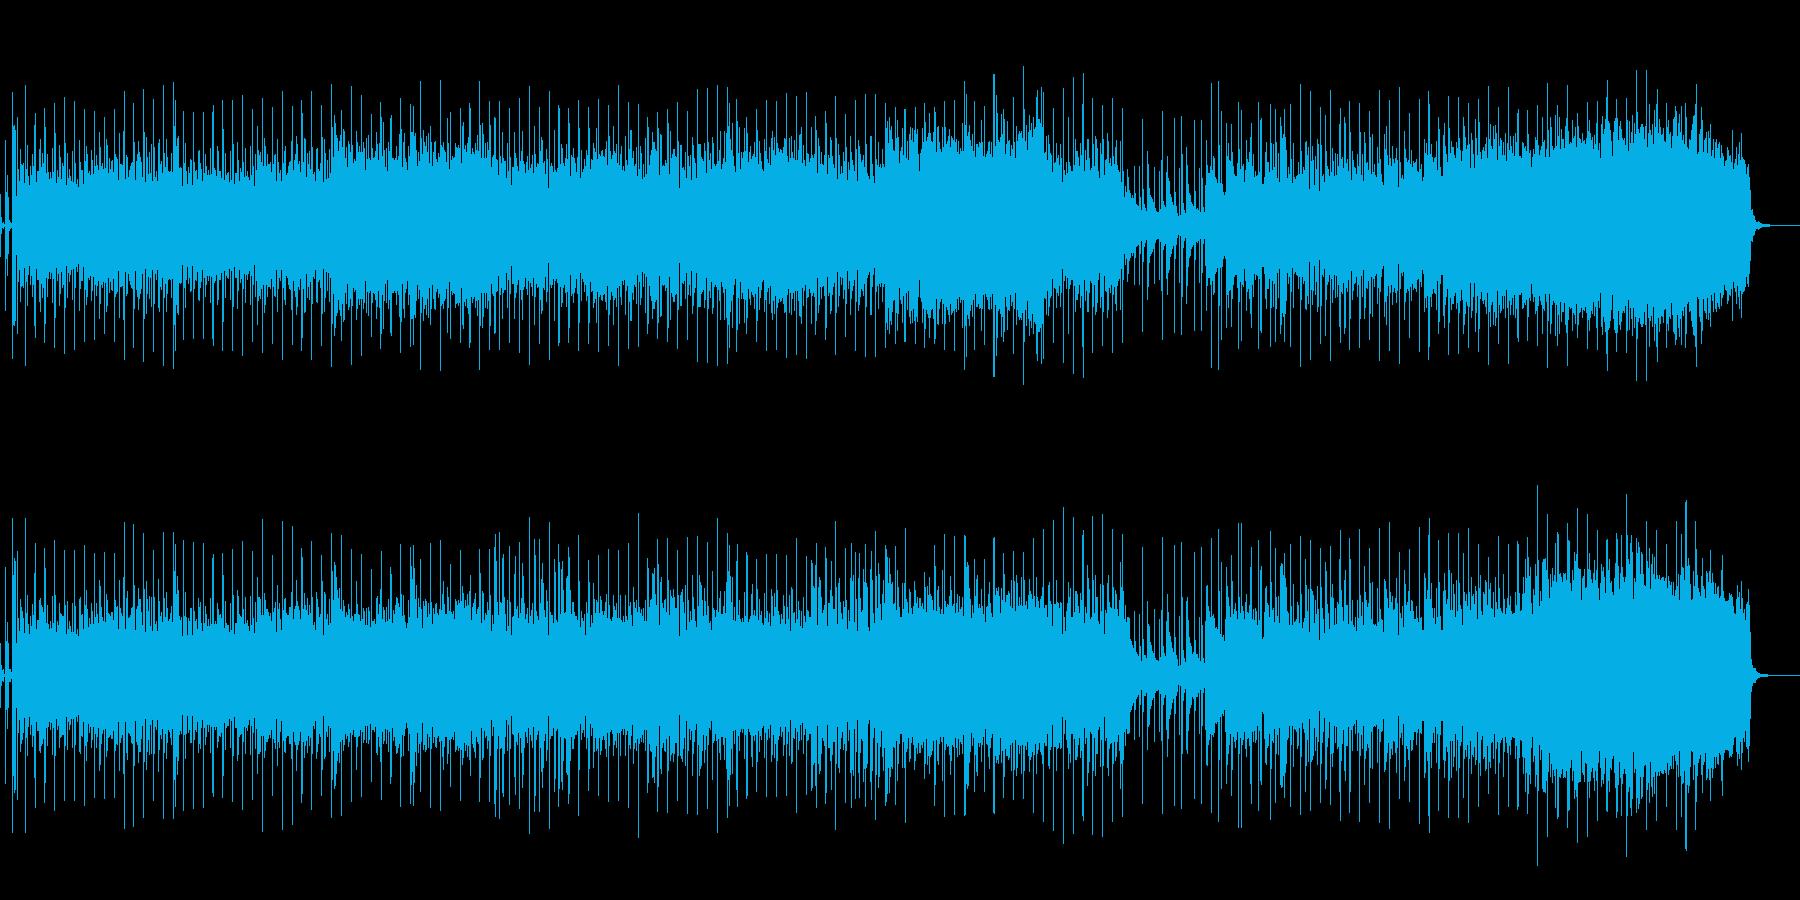 バトル曲でカッコイイオーケストラロックの再生済みの波形